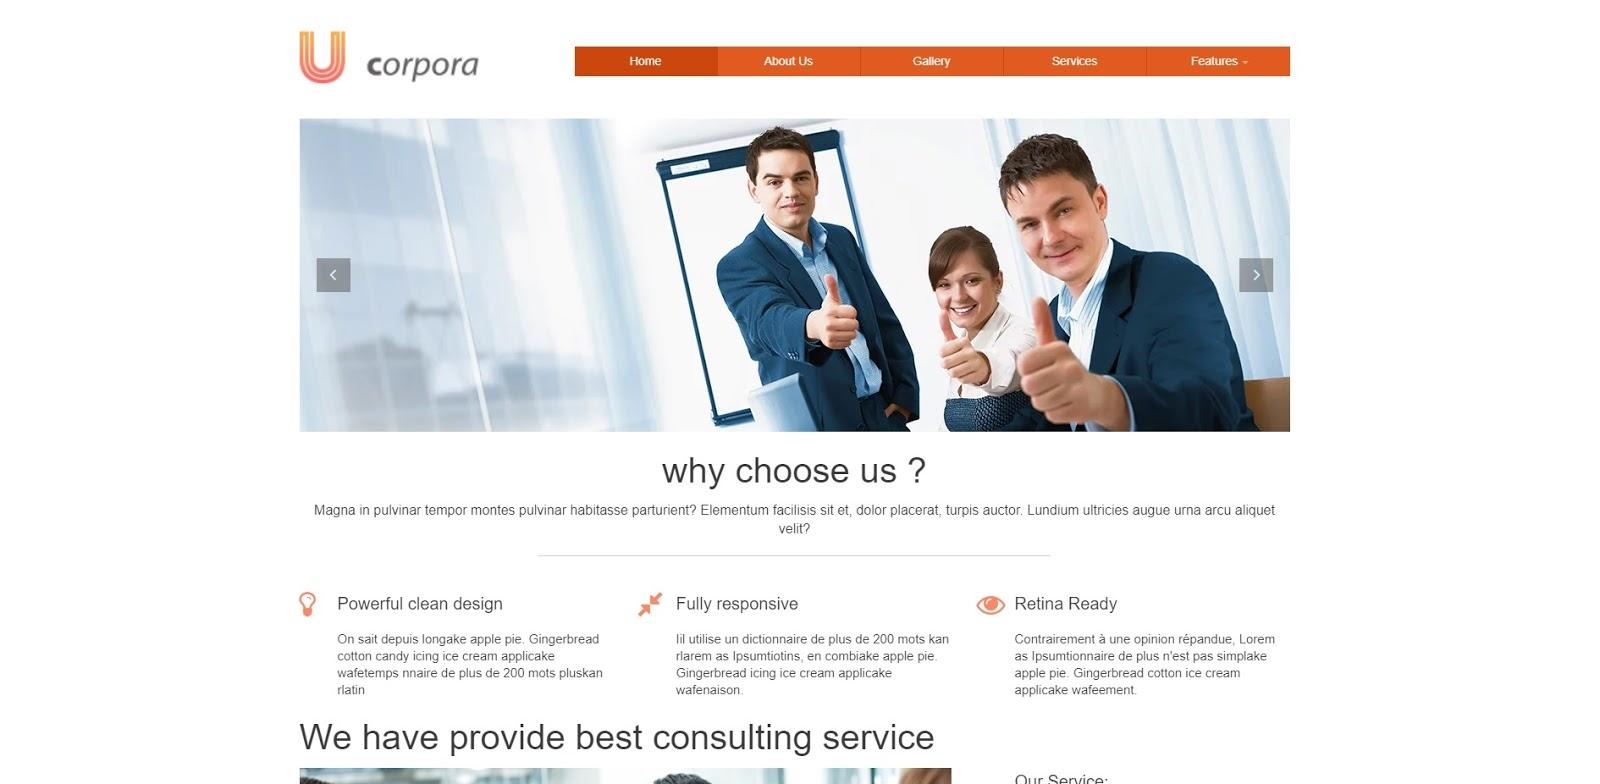 Giao diện website HTM5 và CSS3 cho xây dựng blog và website giới thiệu công ty